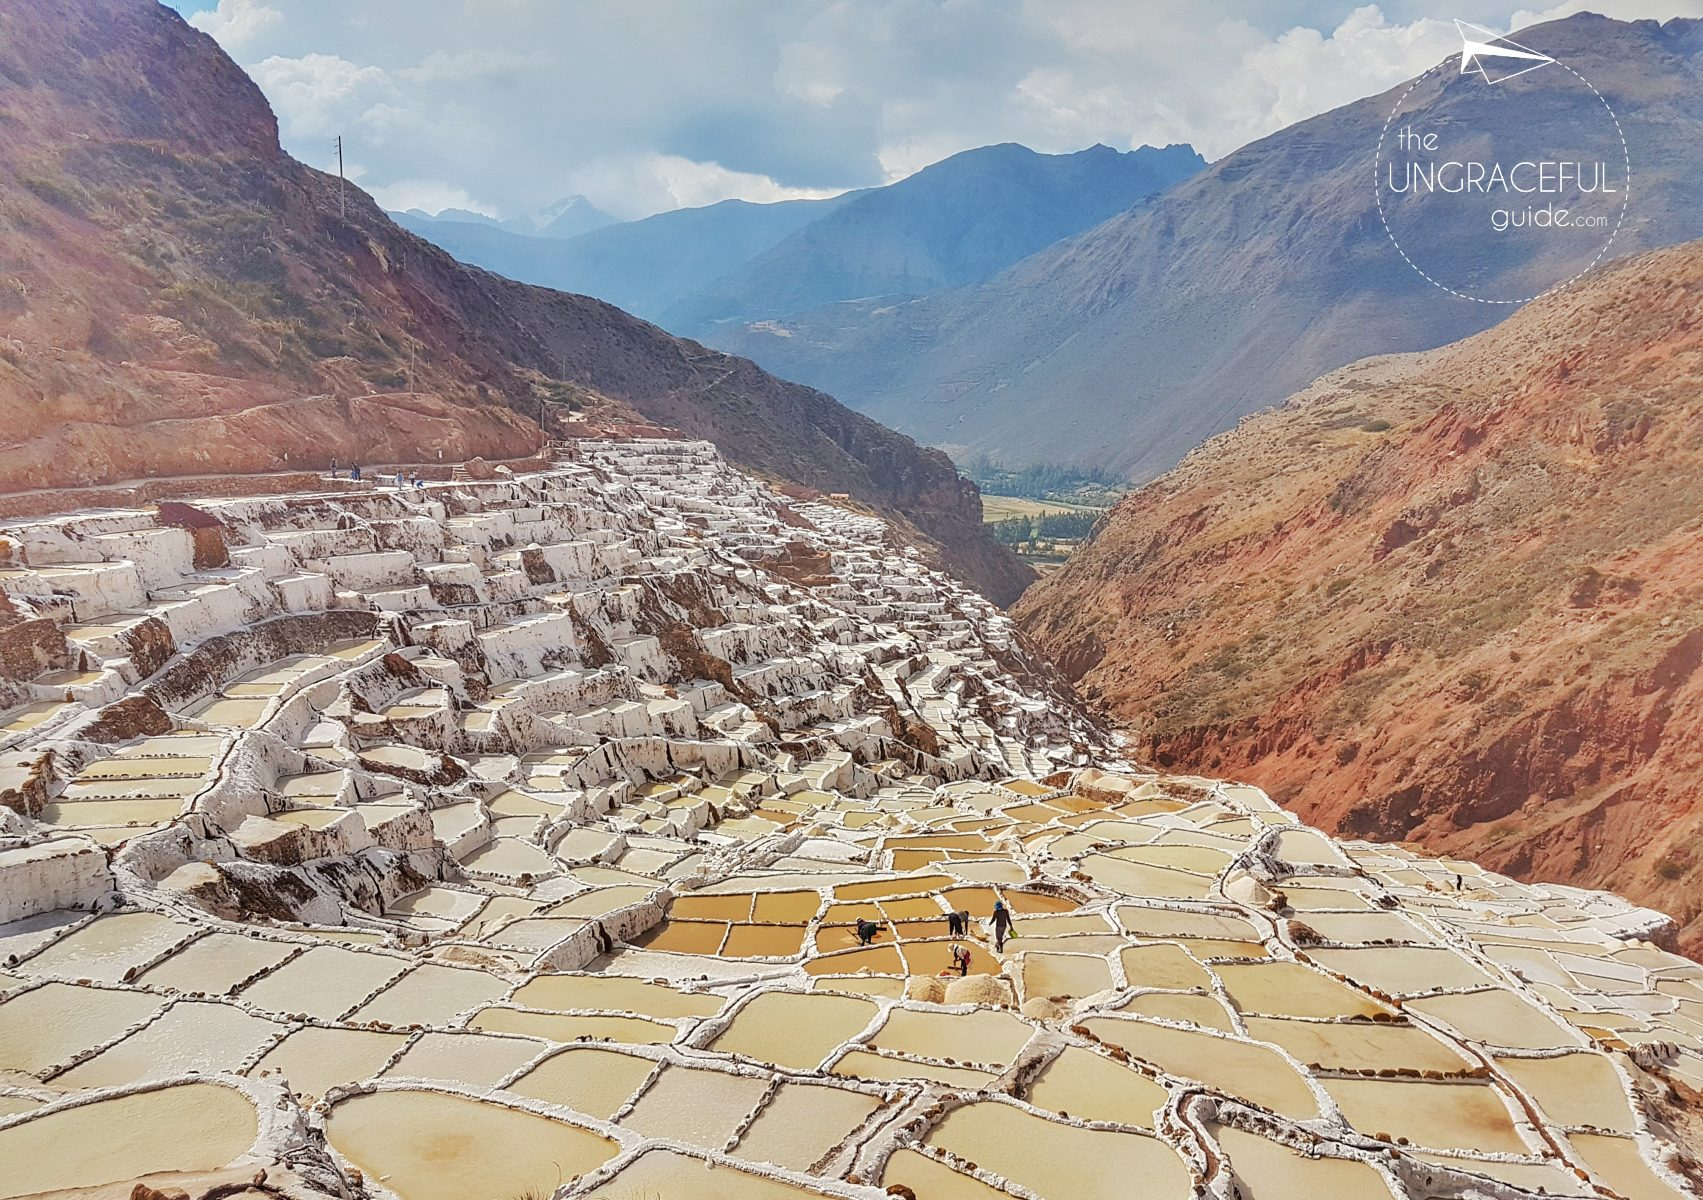 """<img src=""""data:image/gif;base64,R0lGODdhAQABAPAAAP///wAAACwAAAAAAQABAEACAkQBADs="""" data-lazy-src=""""images/"""" width=""""800"""" height=""""600"""" alt=""""sacred valley - 20171203 212544 - Peru: Town Hopping The Sacred Valley"""">"""